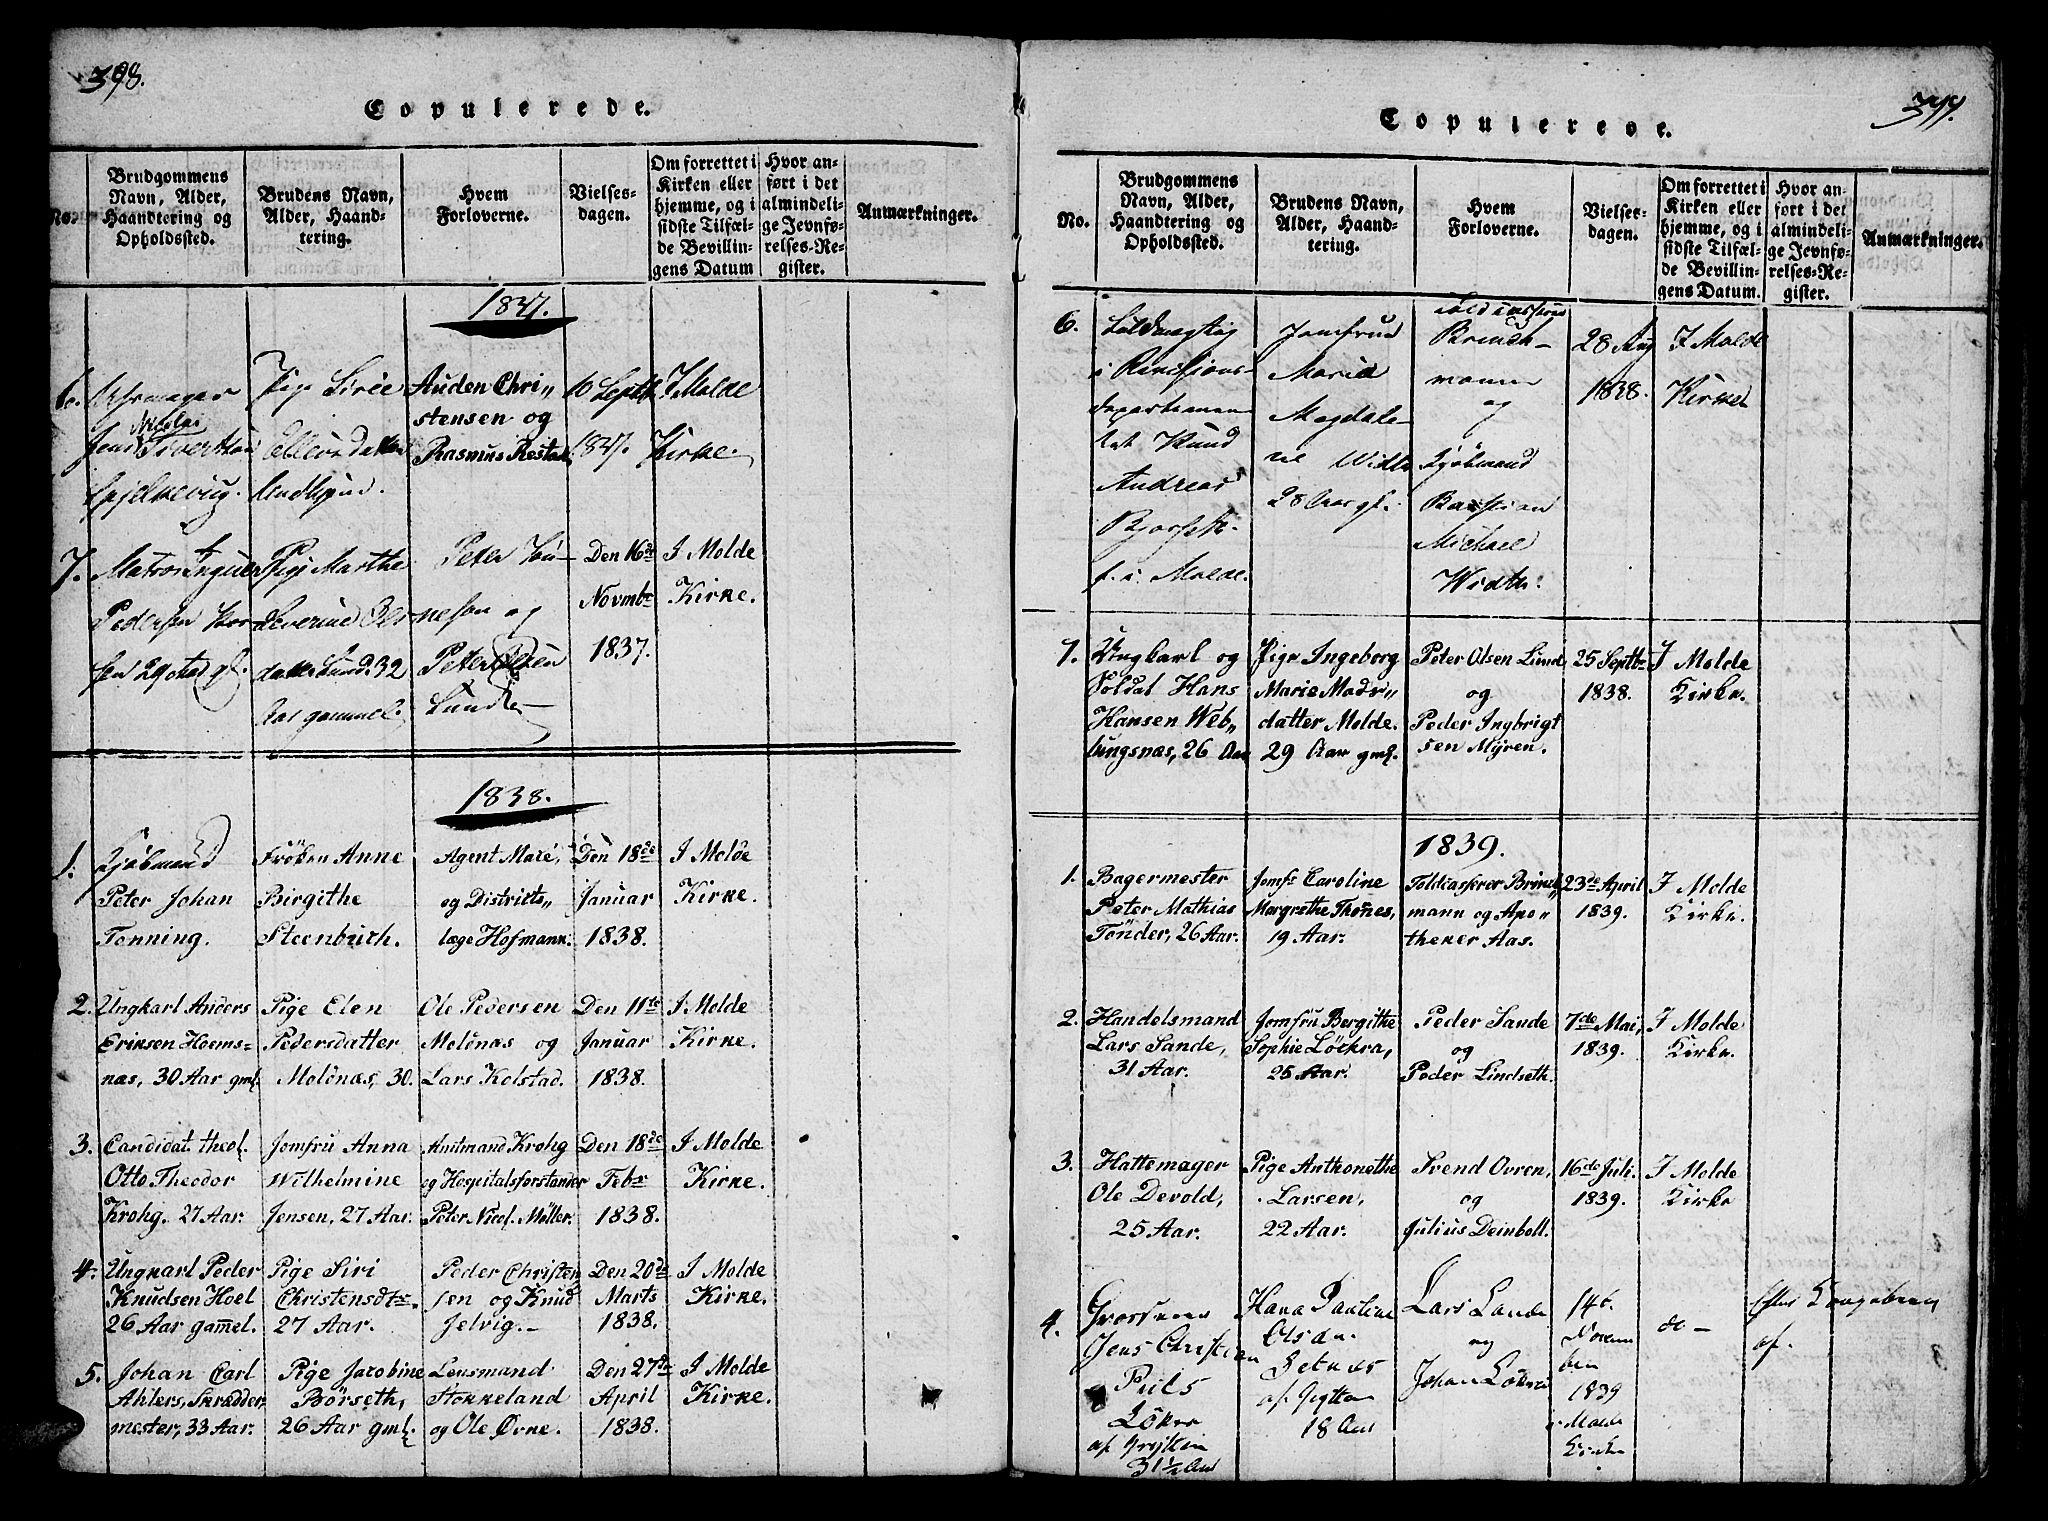 SAT, Ministerialprotokoller, klokkerbøker og fødselsregistre - Møre og Romsdal, 558/L0688: Ministerialbok nr. 558A02, 1818-1843, s. 398-399